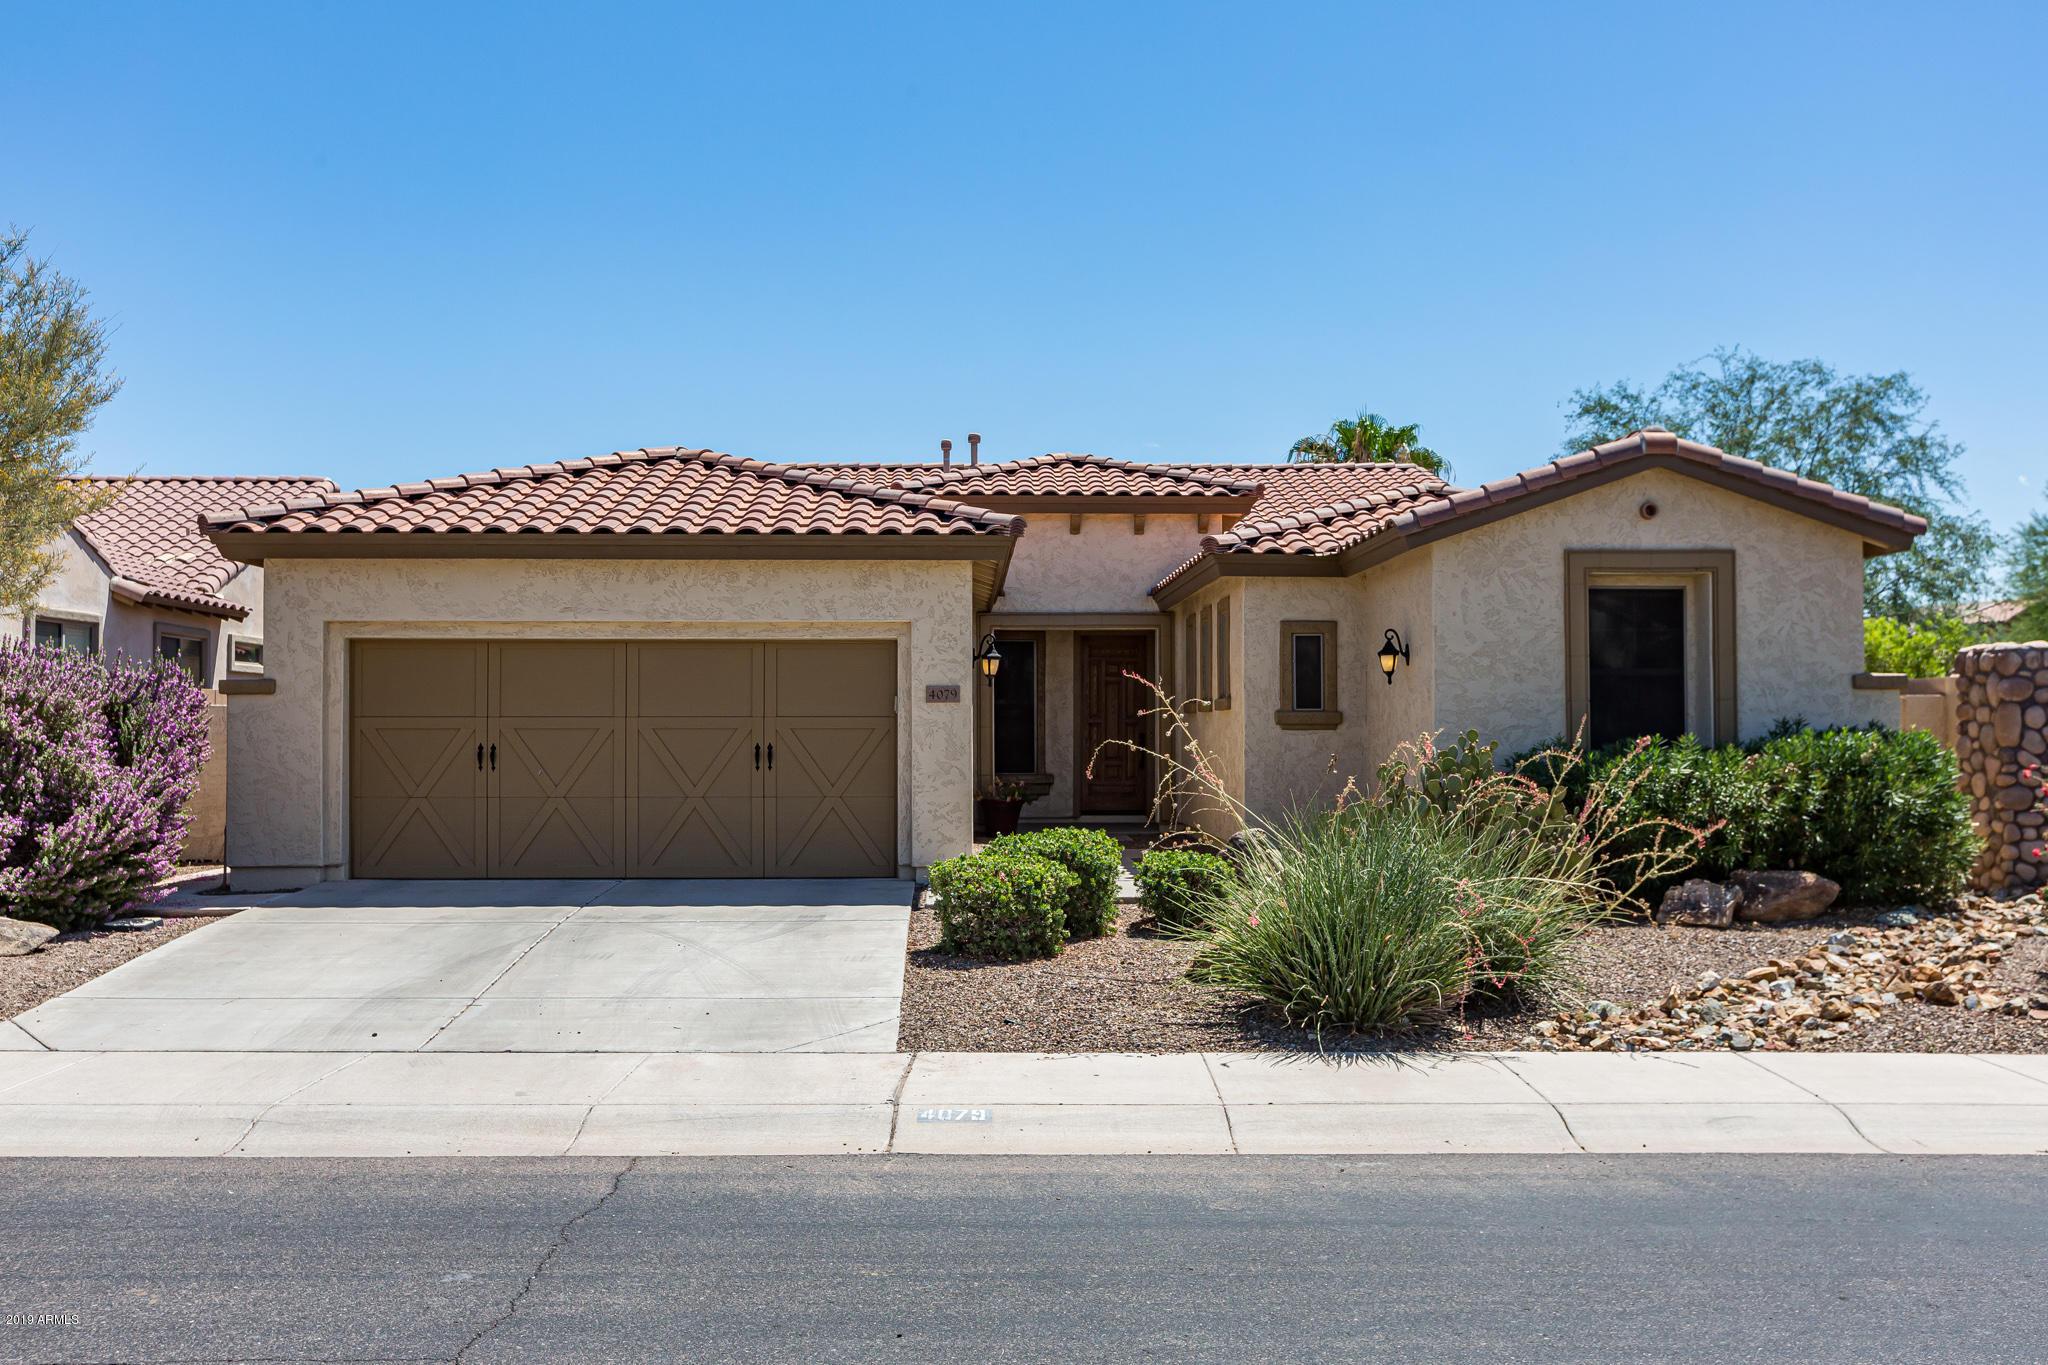 4079 S MINGUS Drive, Chandler, Arizona